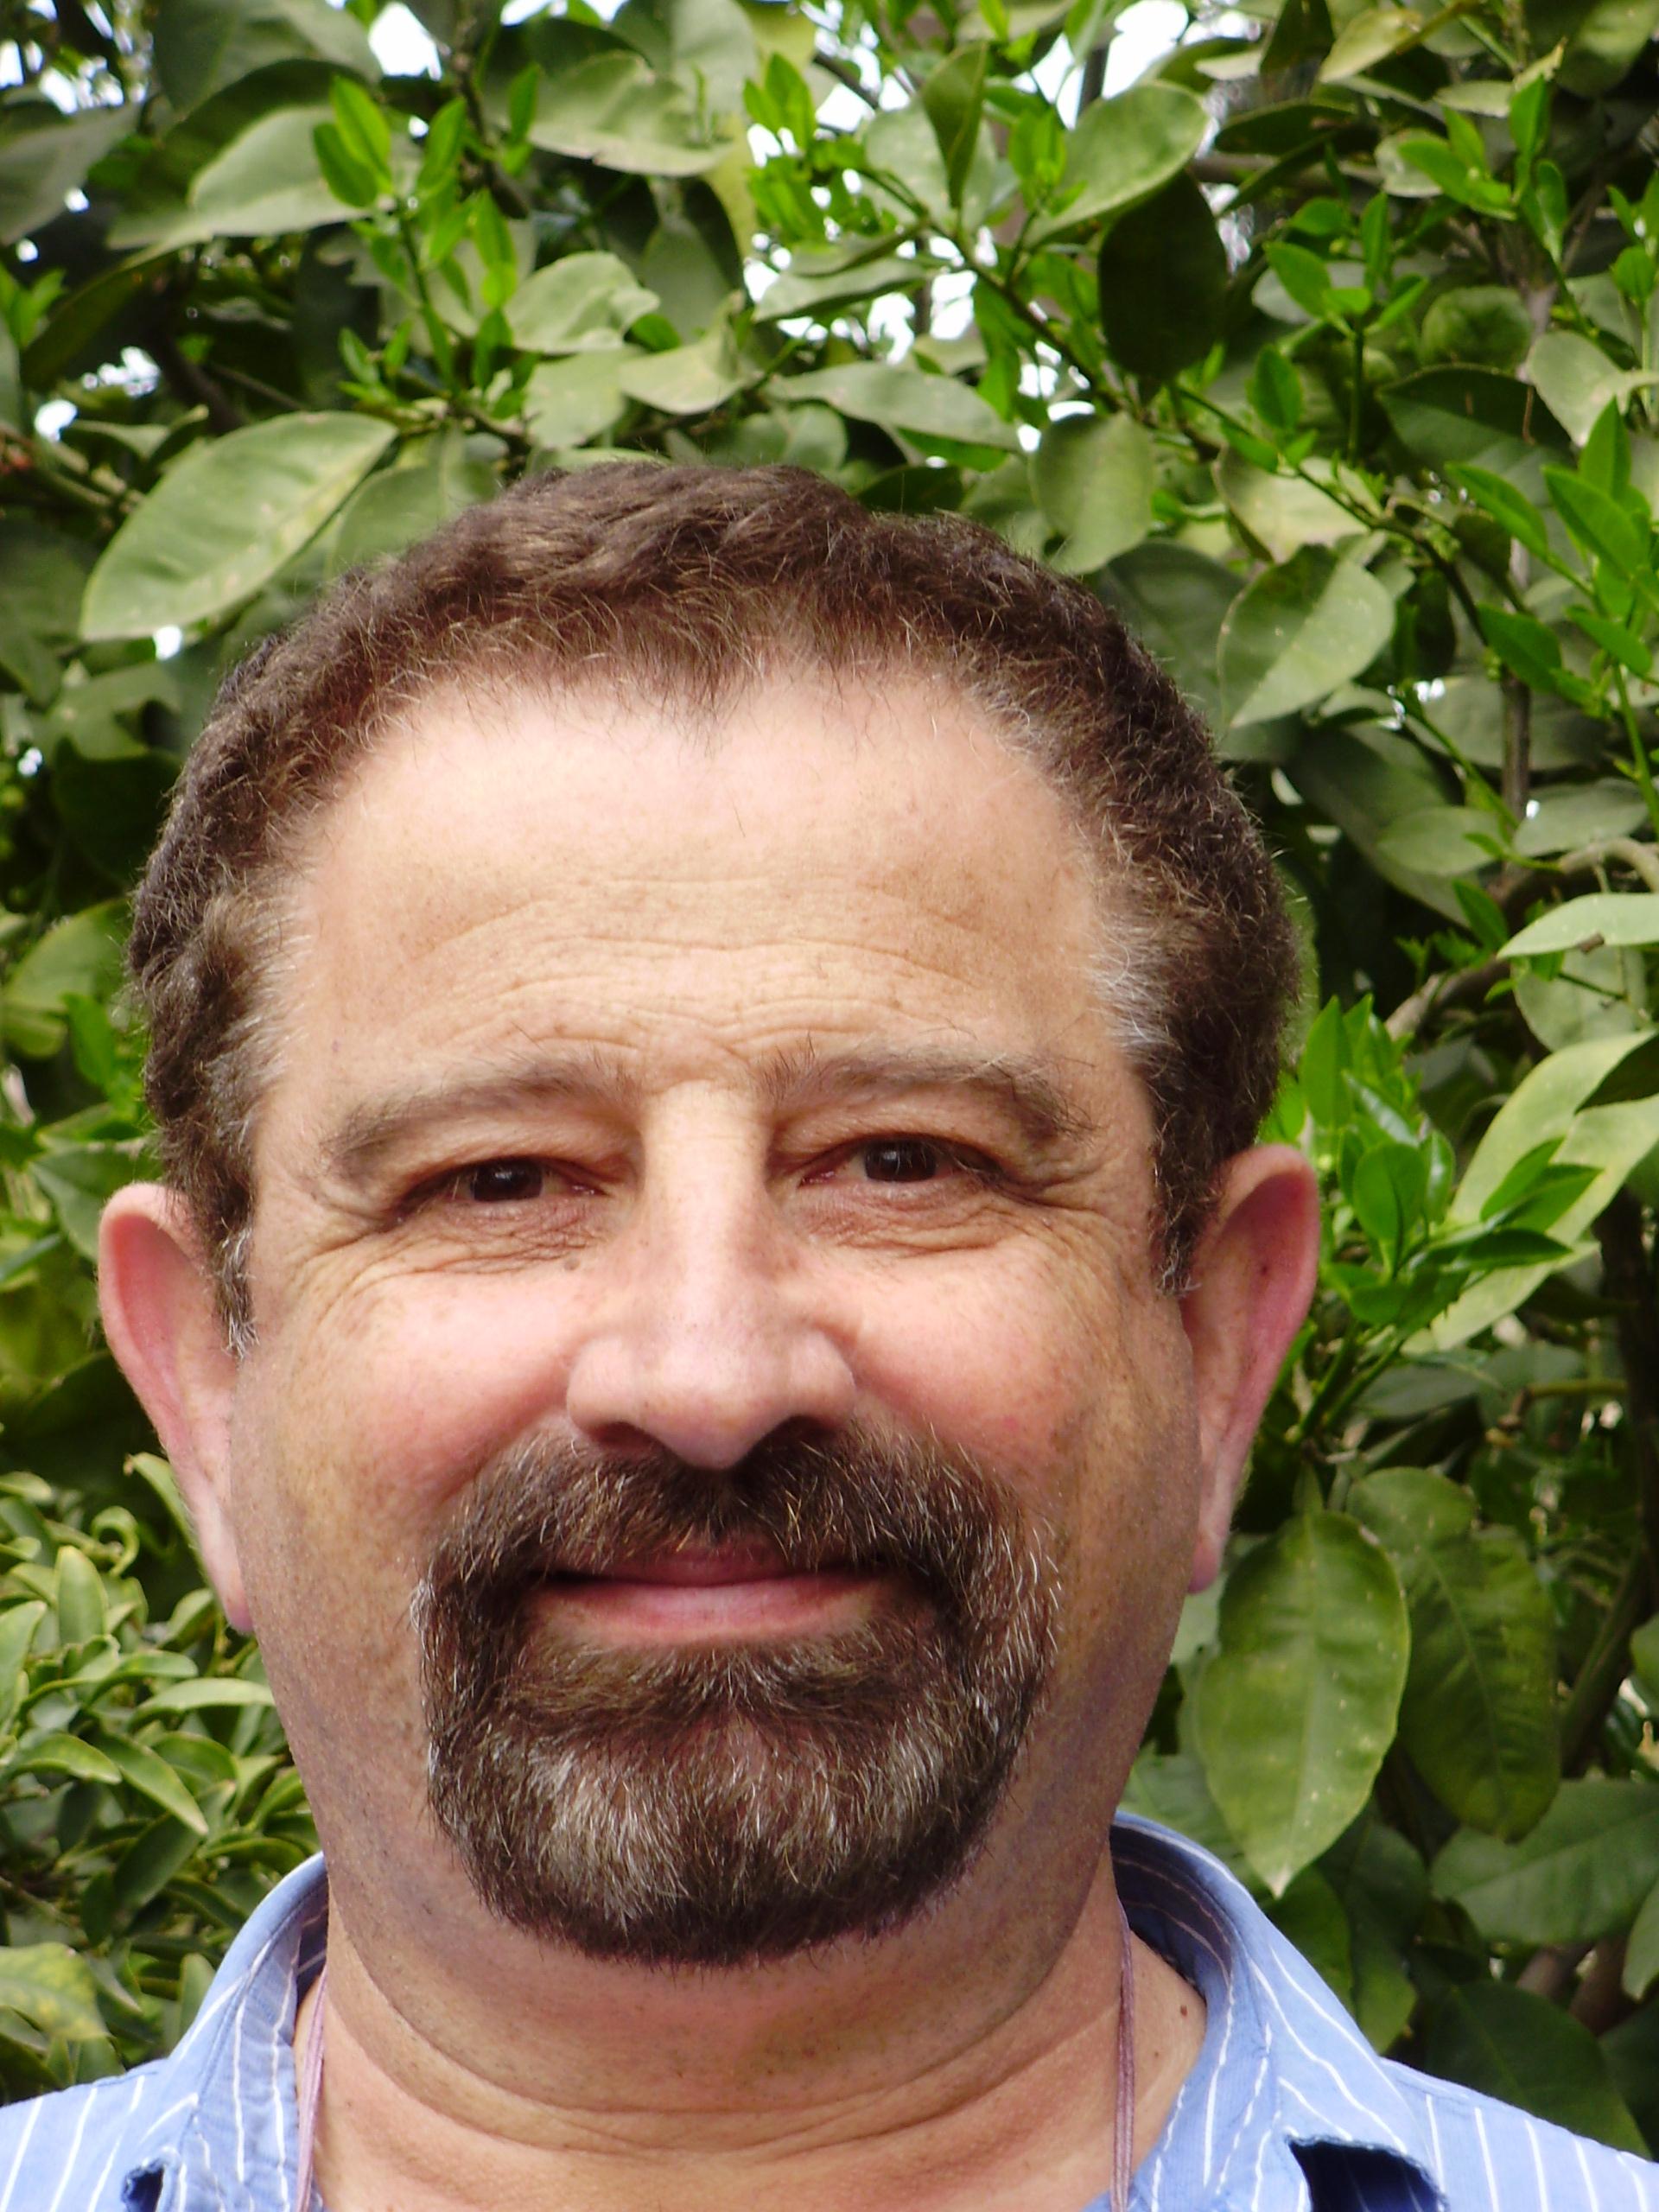 דוקטור יוסף בבניק - תמונת פרופיל